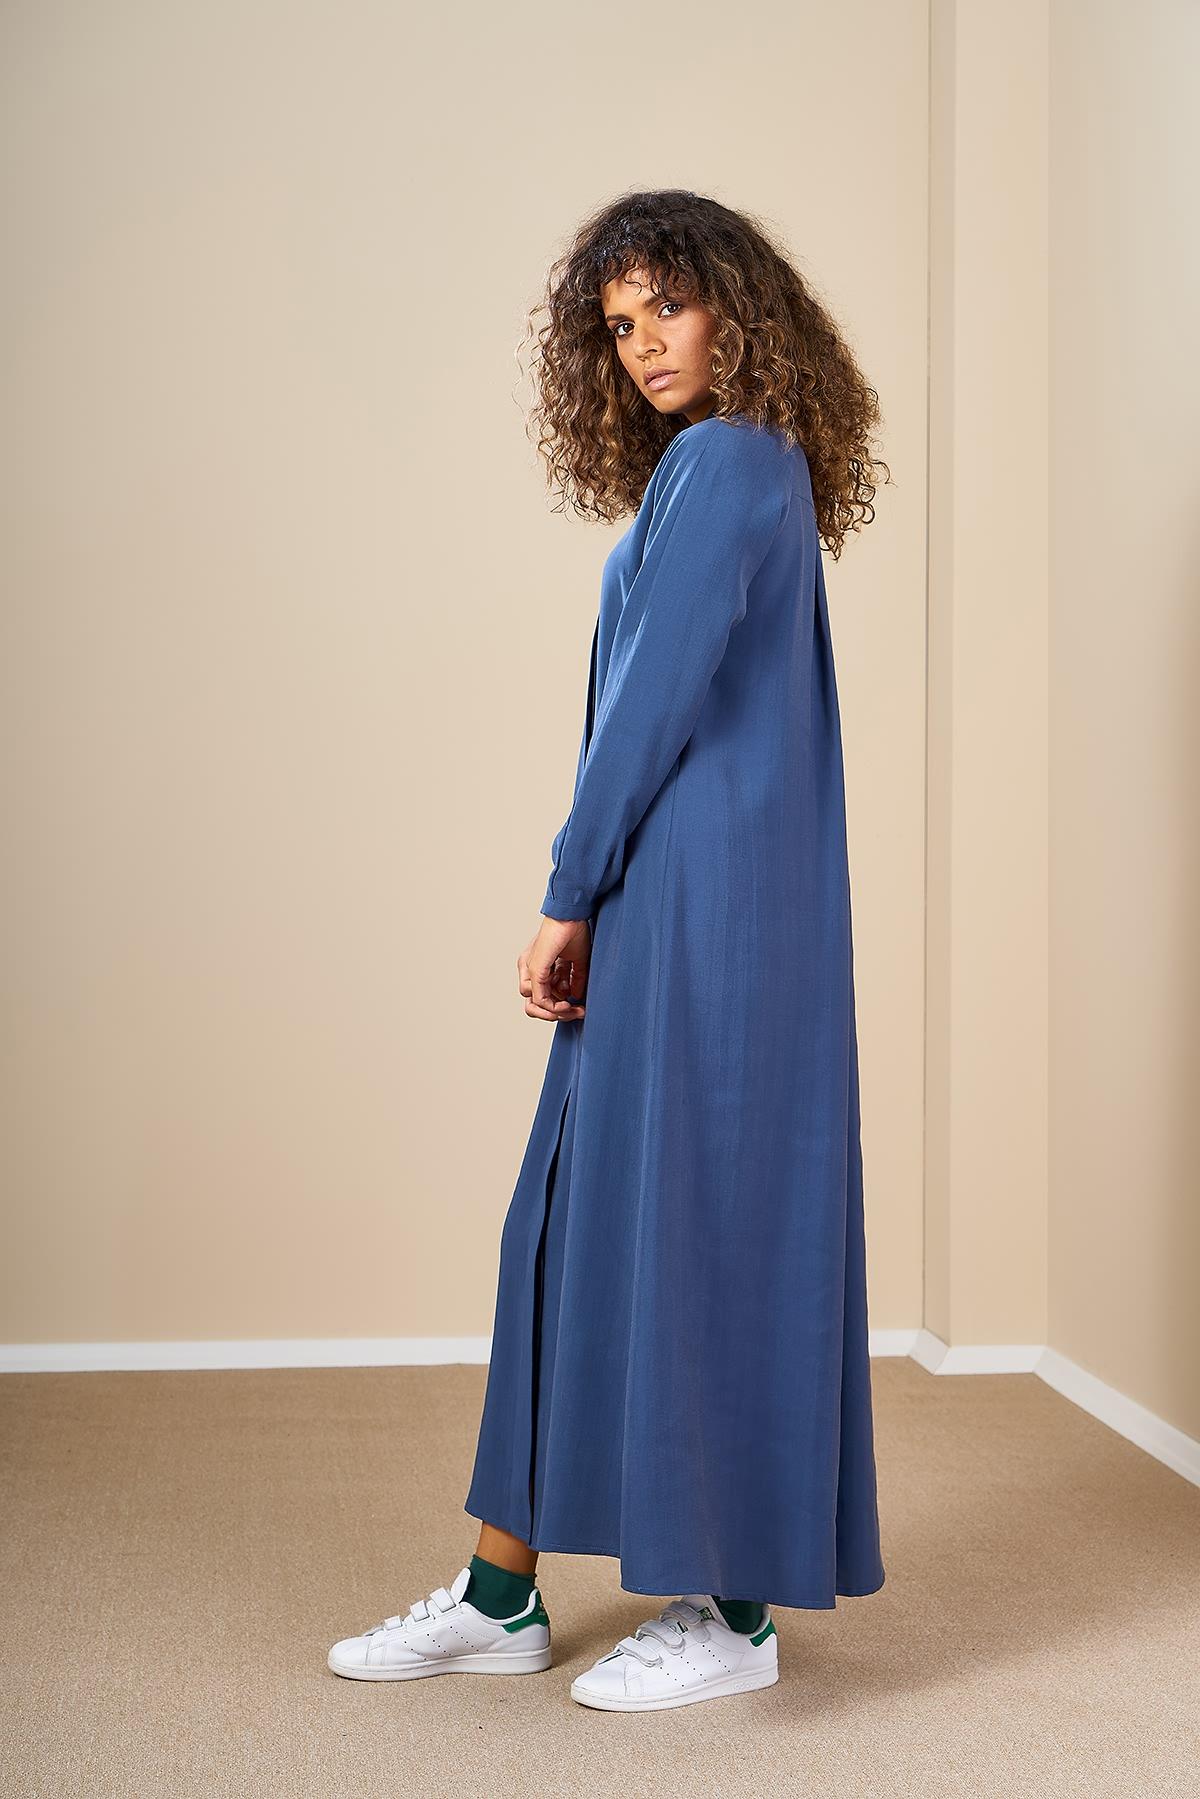 Mevra - Pileli Elbise İndigo